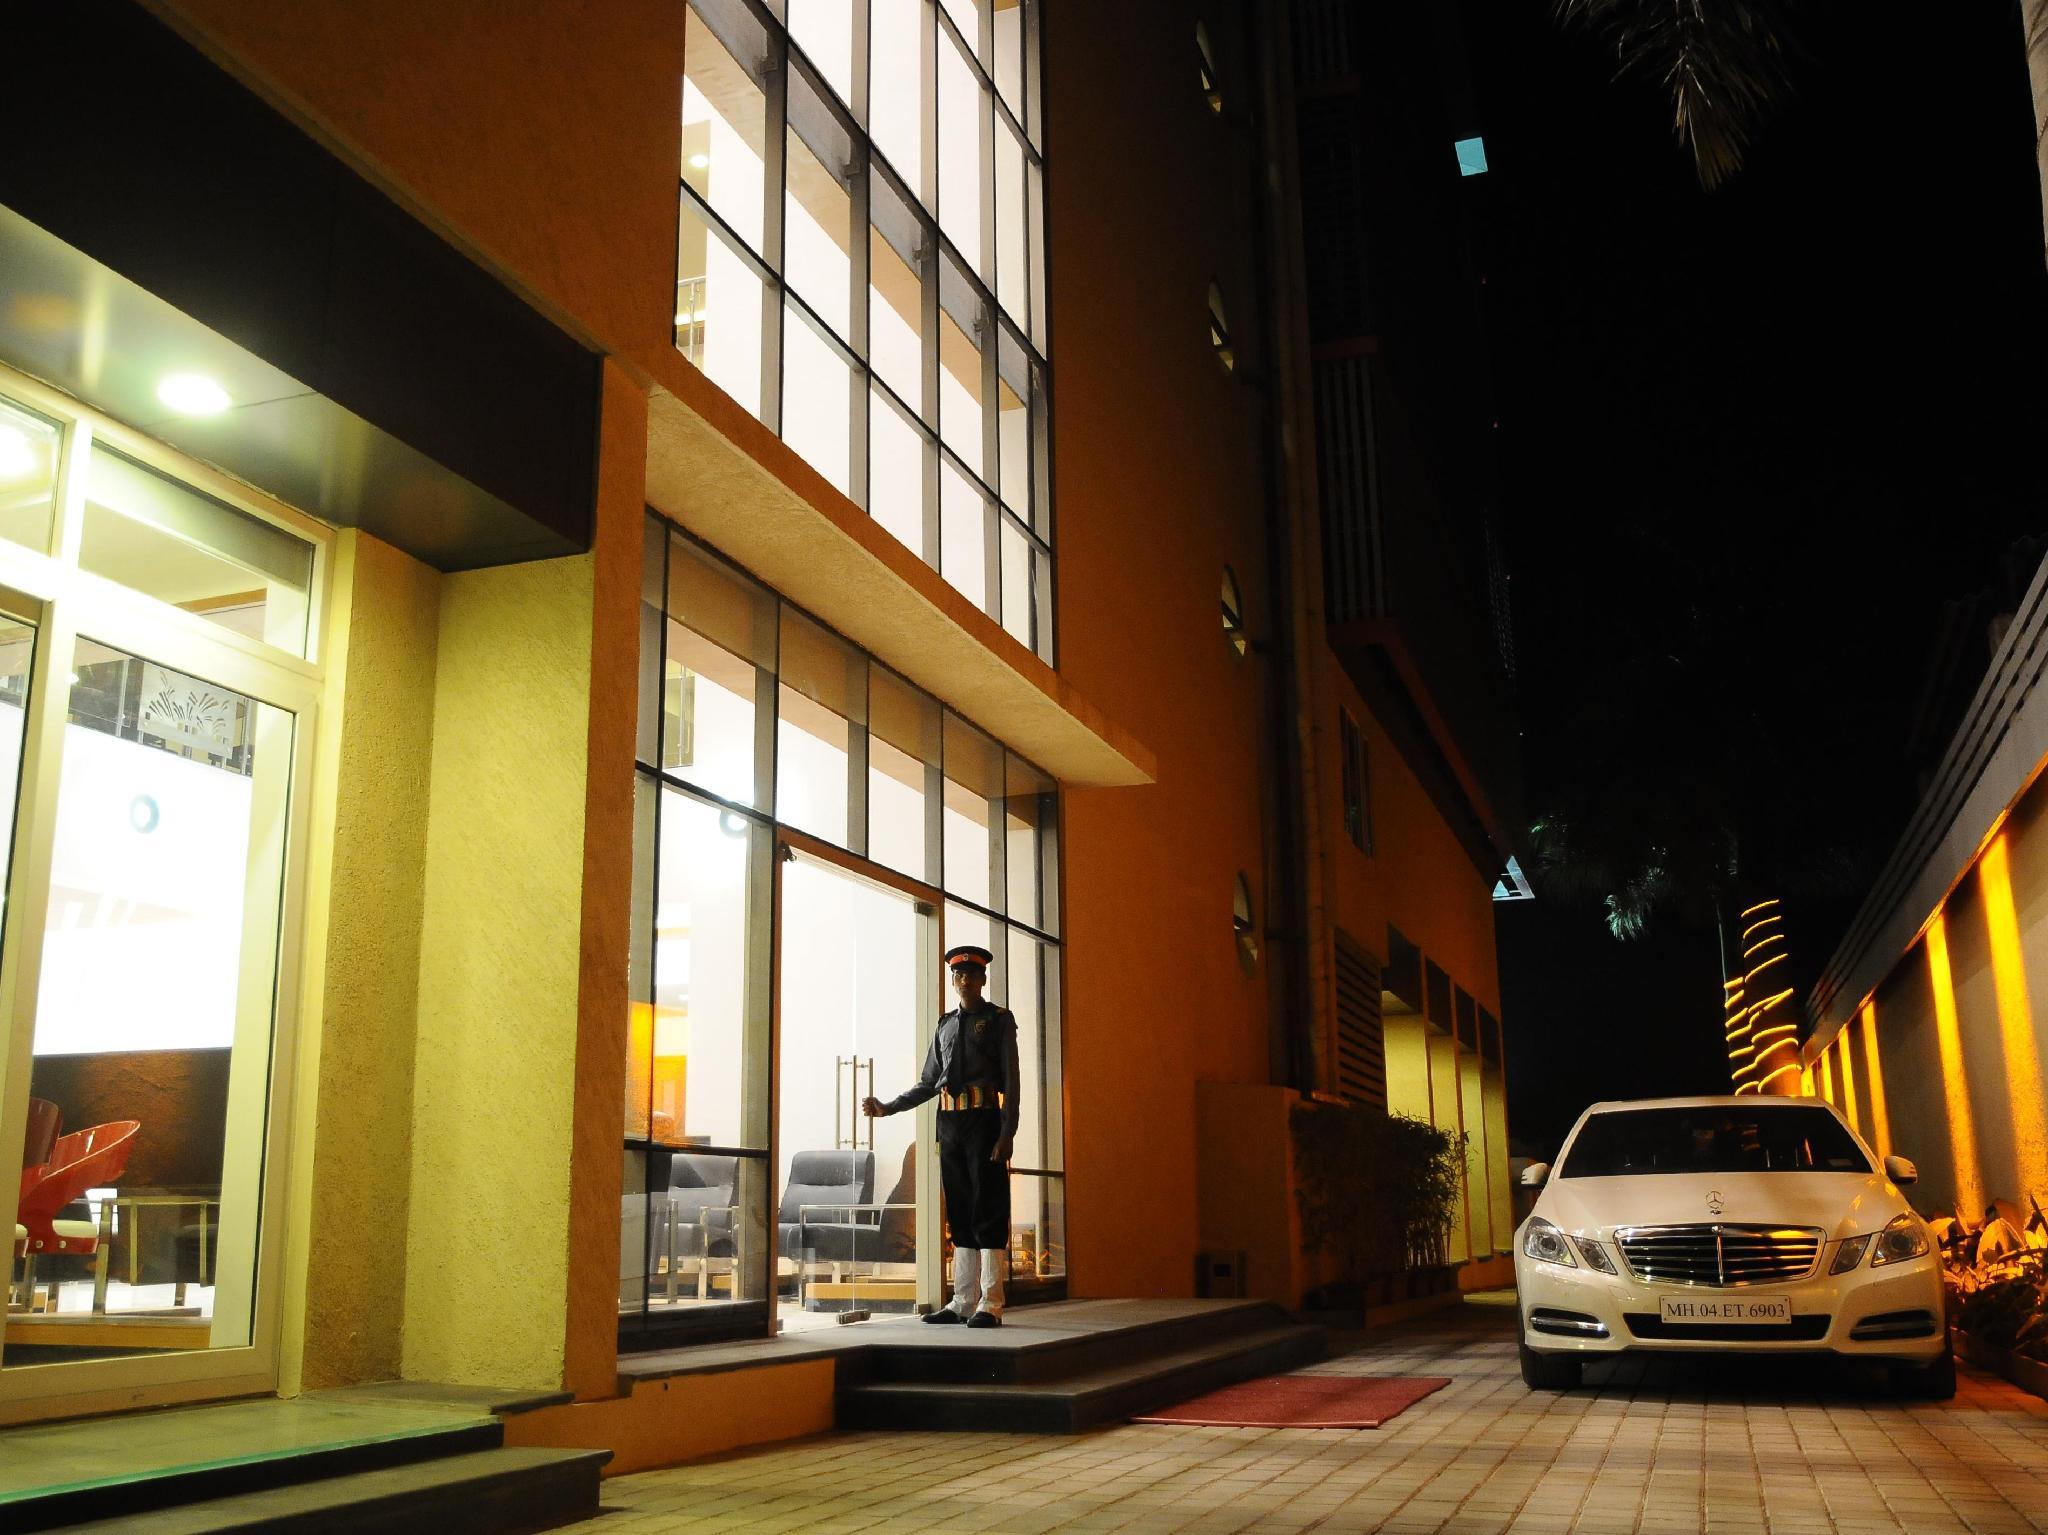 HI 5 Hotel - Nasik